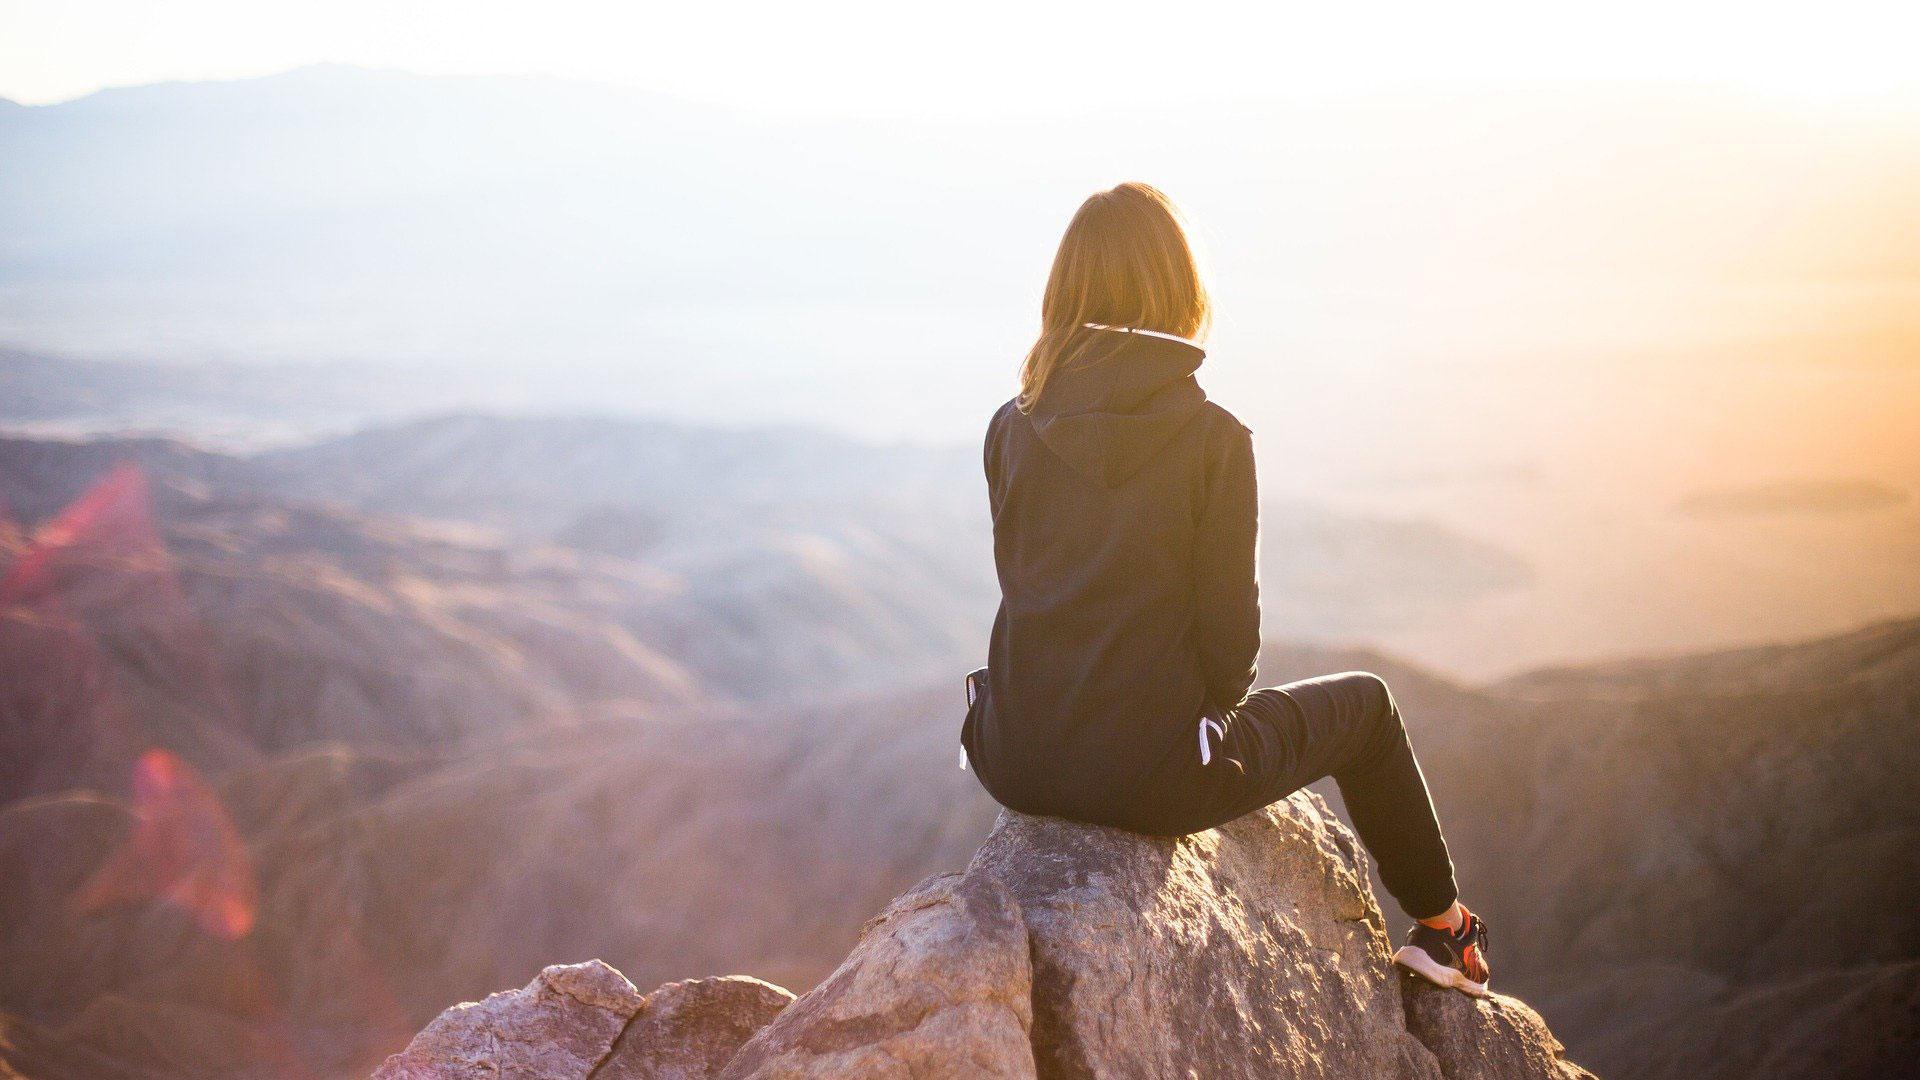 Guida al trekking: tanti consigli per evitare errori da principianti